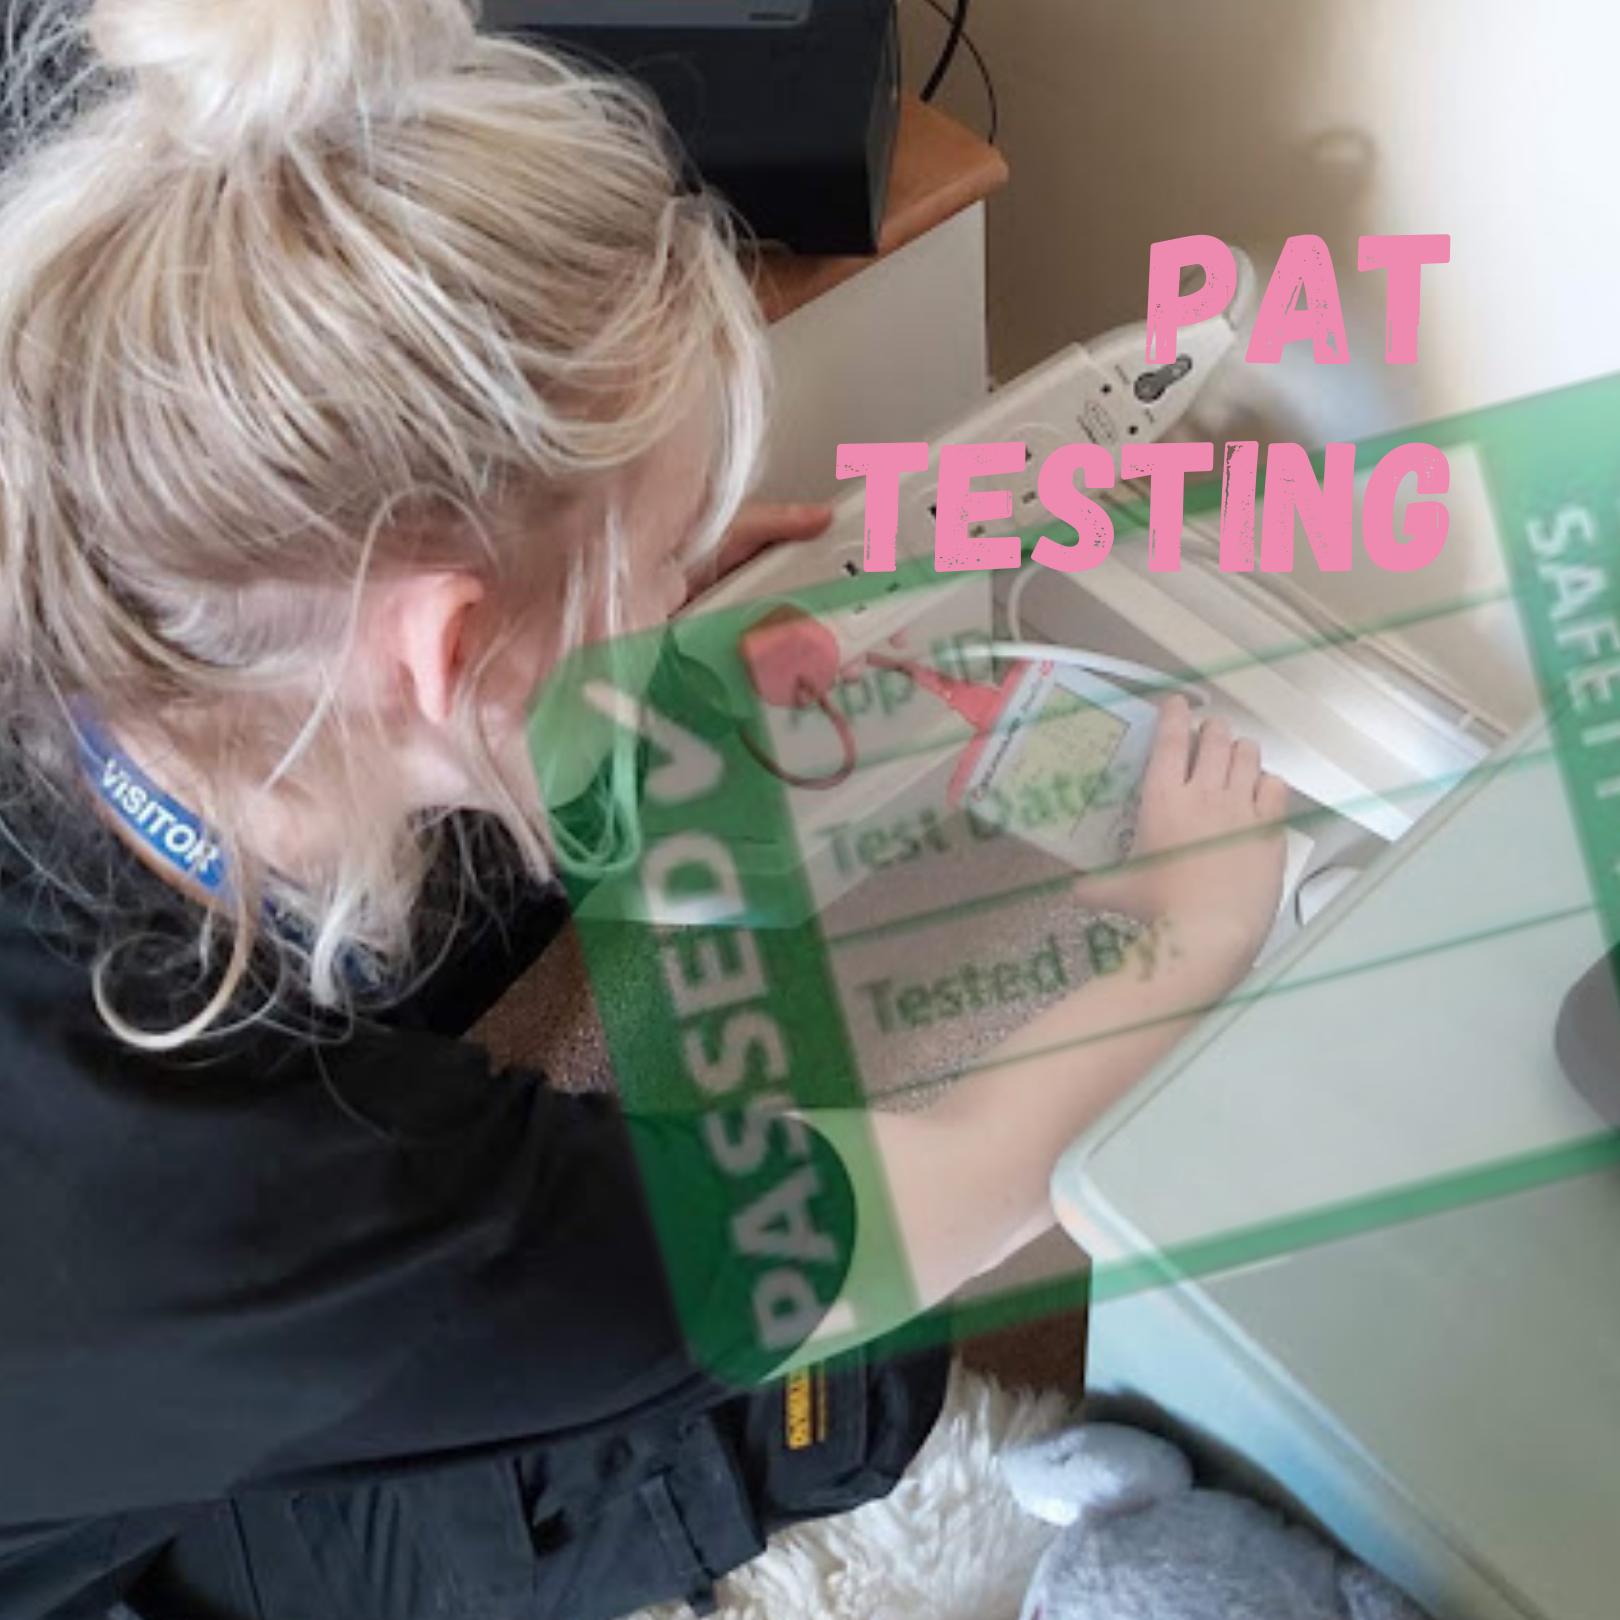 Pat testing header